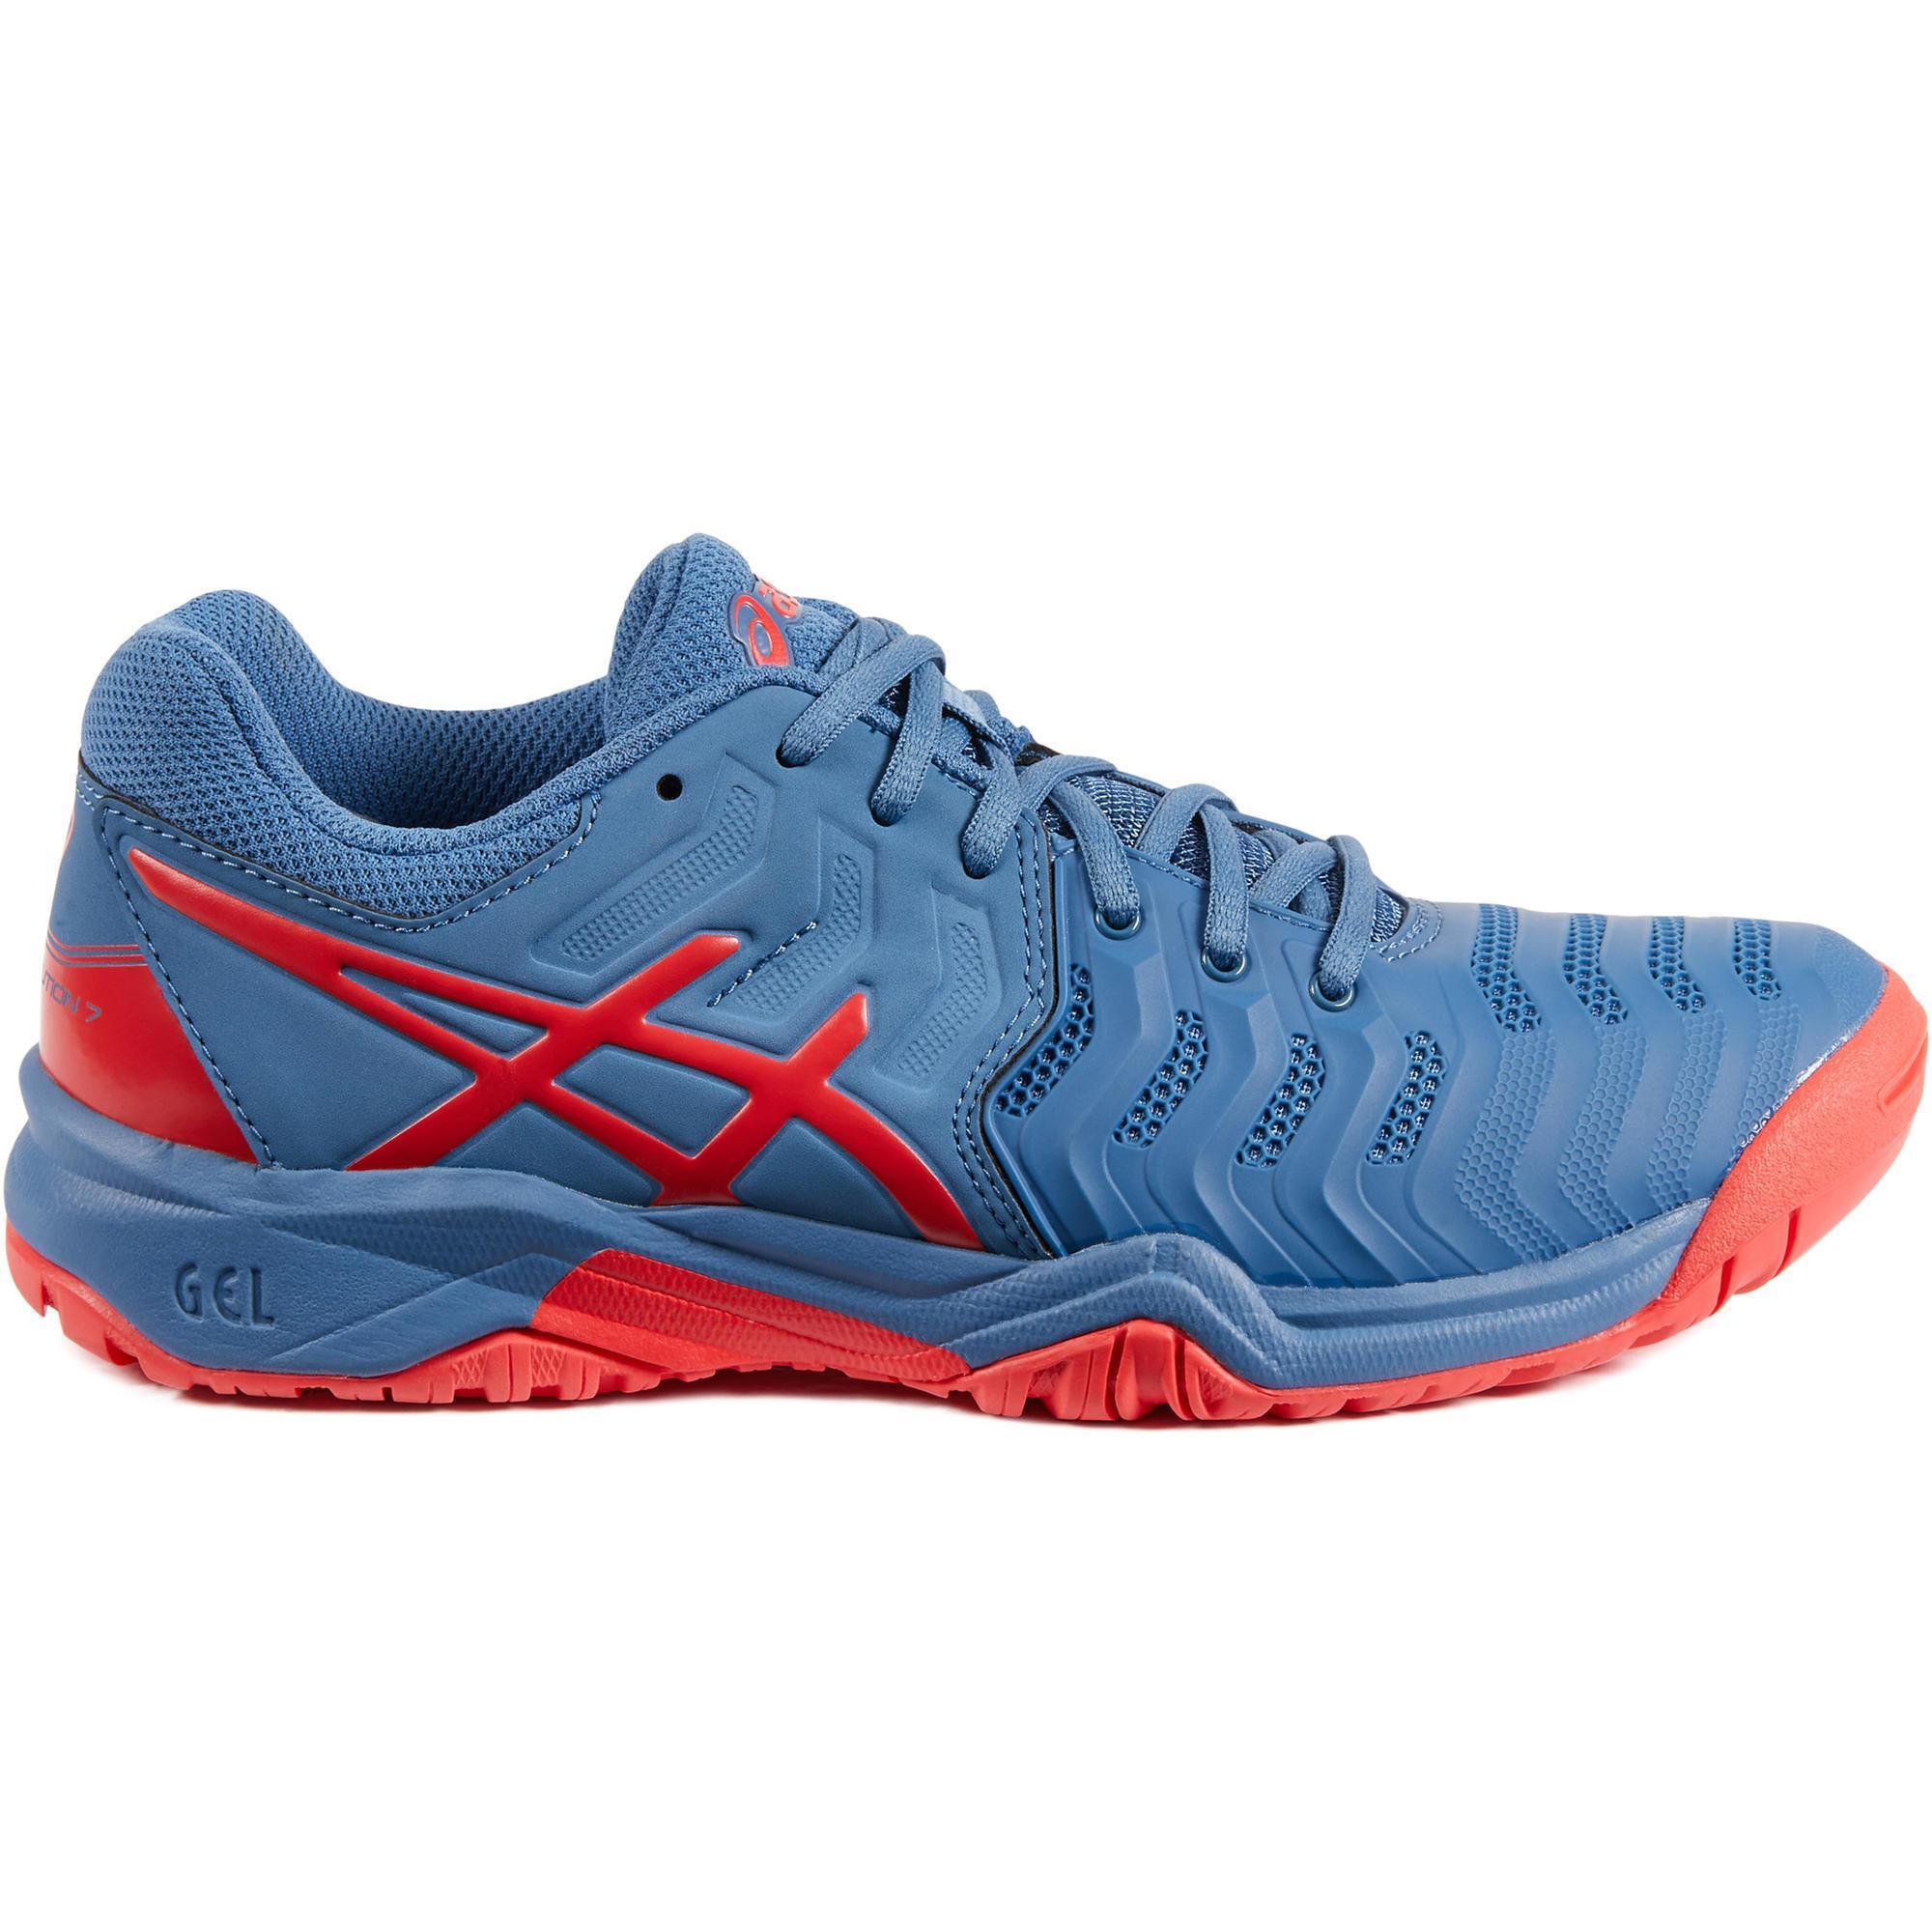 Asics Tennisschoenen voor jongeren Asics Gel Resolution